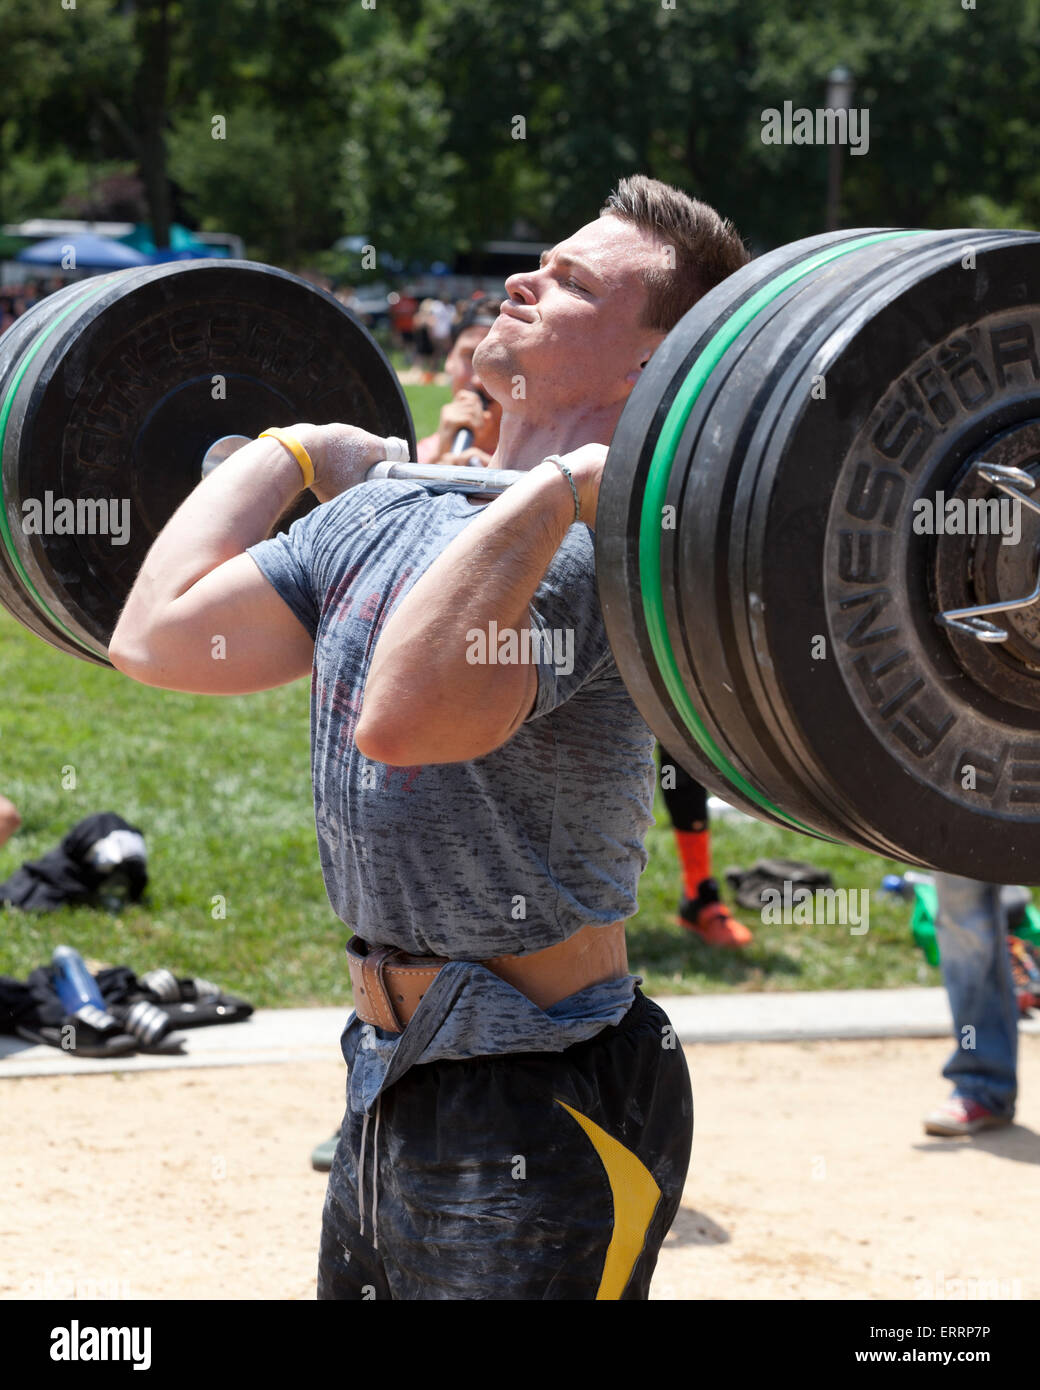 El hombre realiza el levantamiento de pesas en un programa de ejercicios al aire libre - EE.UU. Imagen De Stock